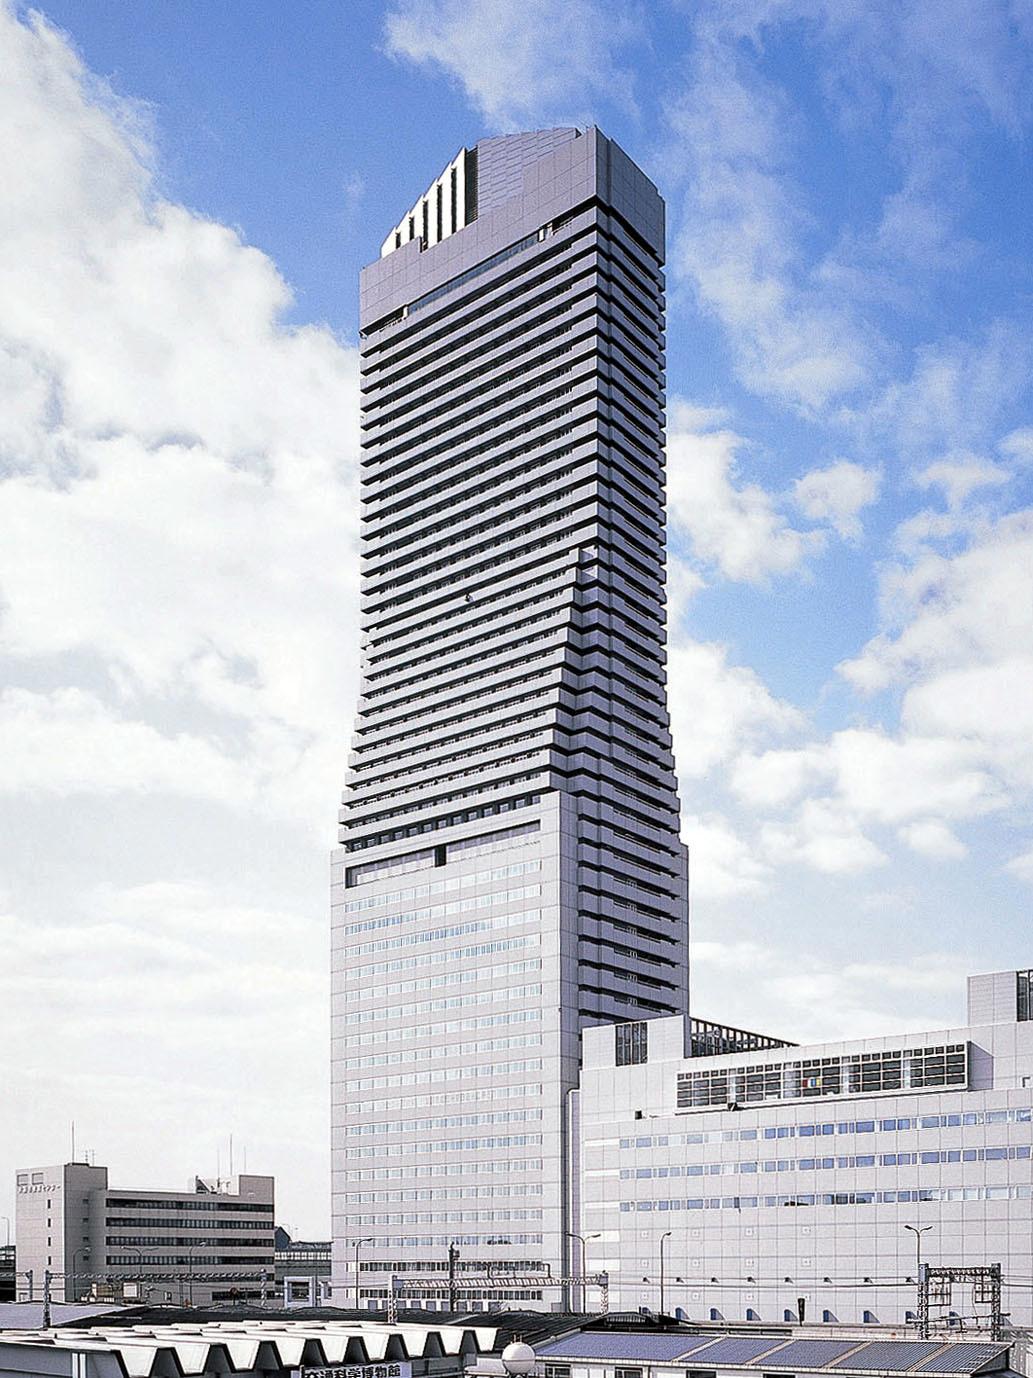 大阪府大阪市港区にあるBIZcomfort大阪ベイタワー